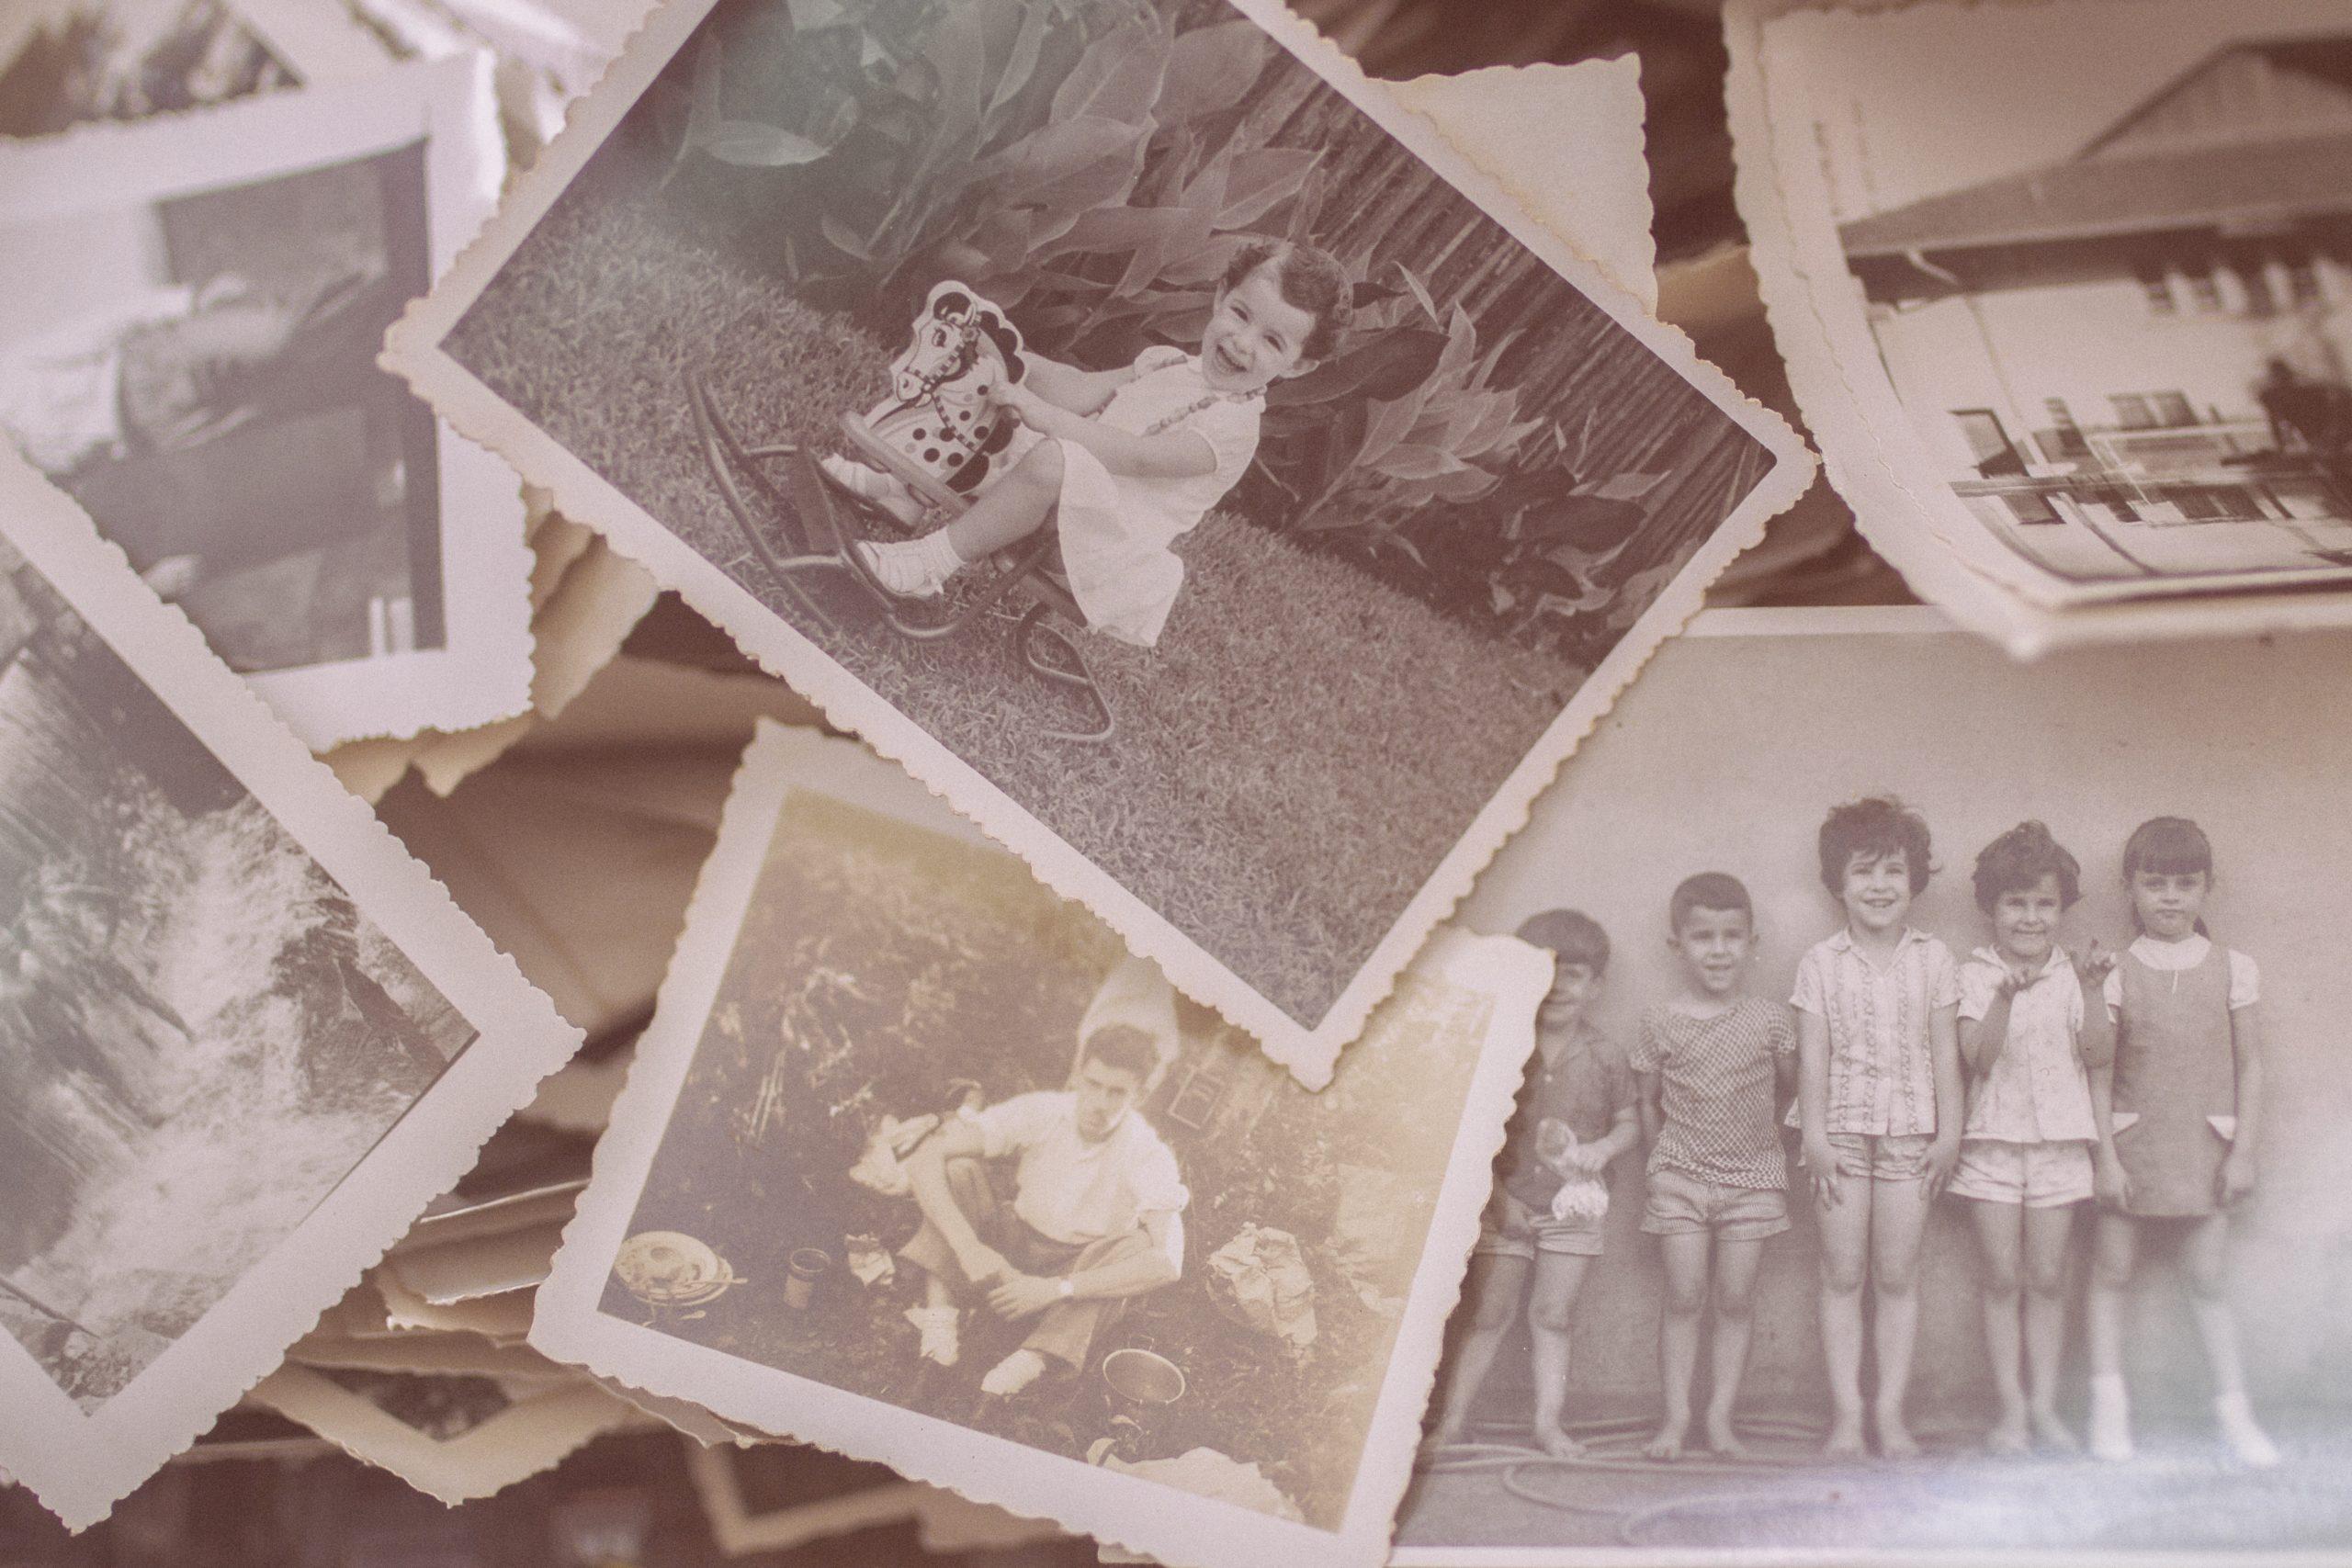 תמונות של זכרונות בשחור לבן